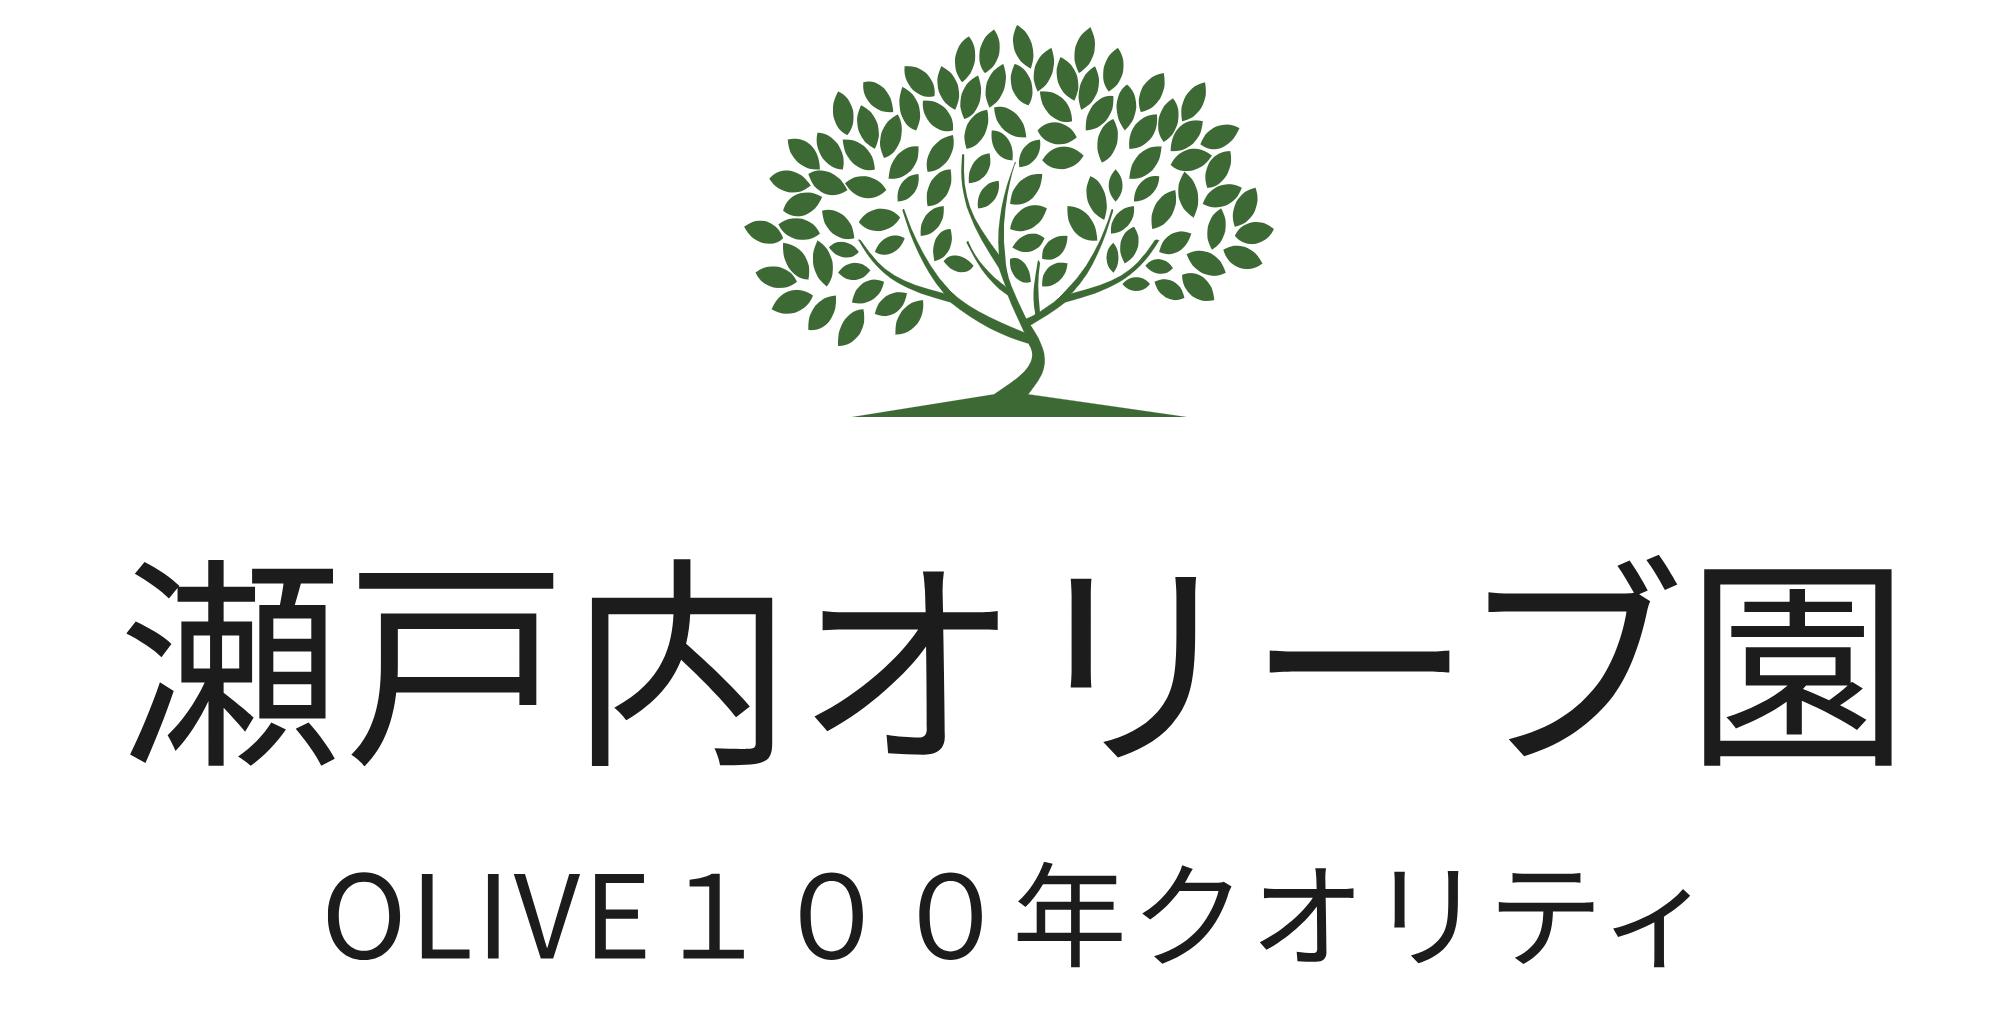 瀬戸内オリーブ園2(仮)ロゴ